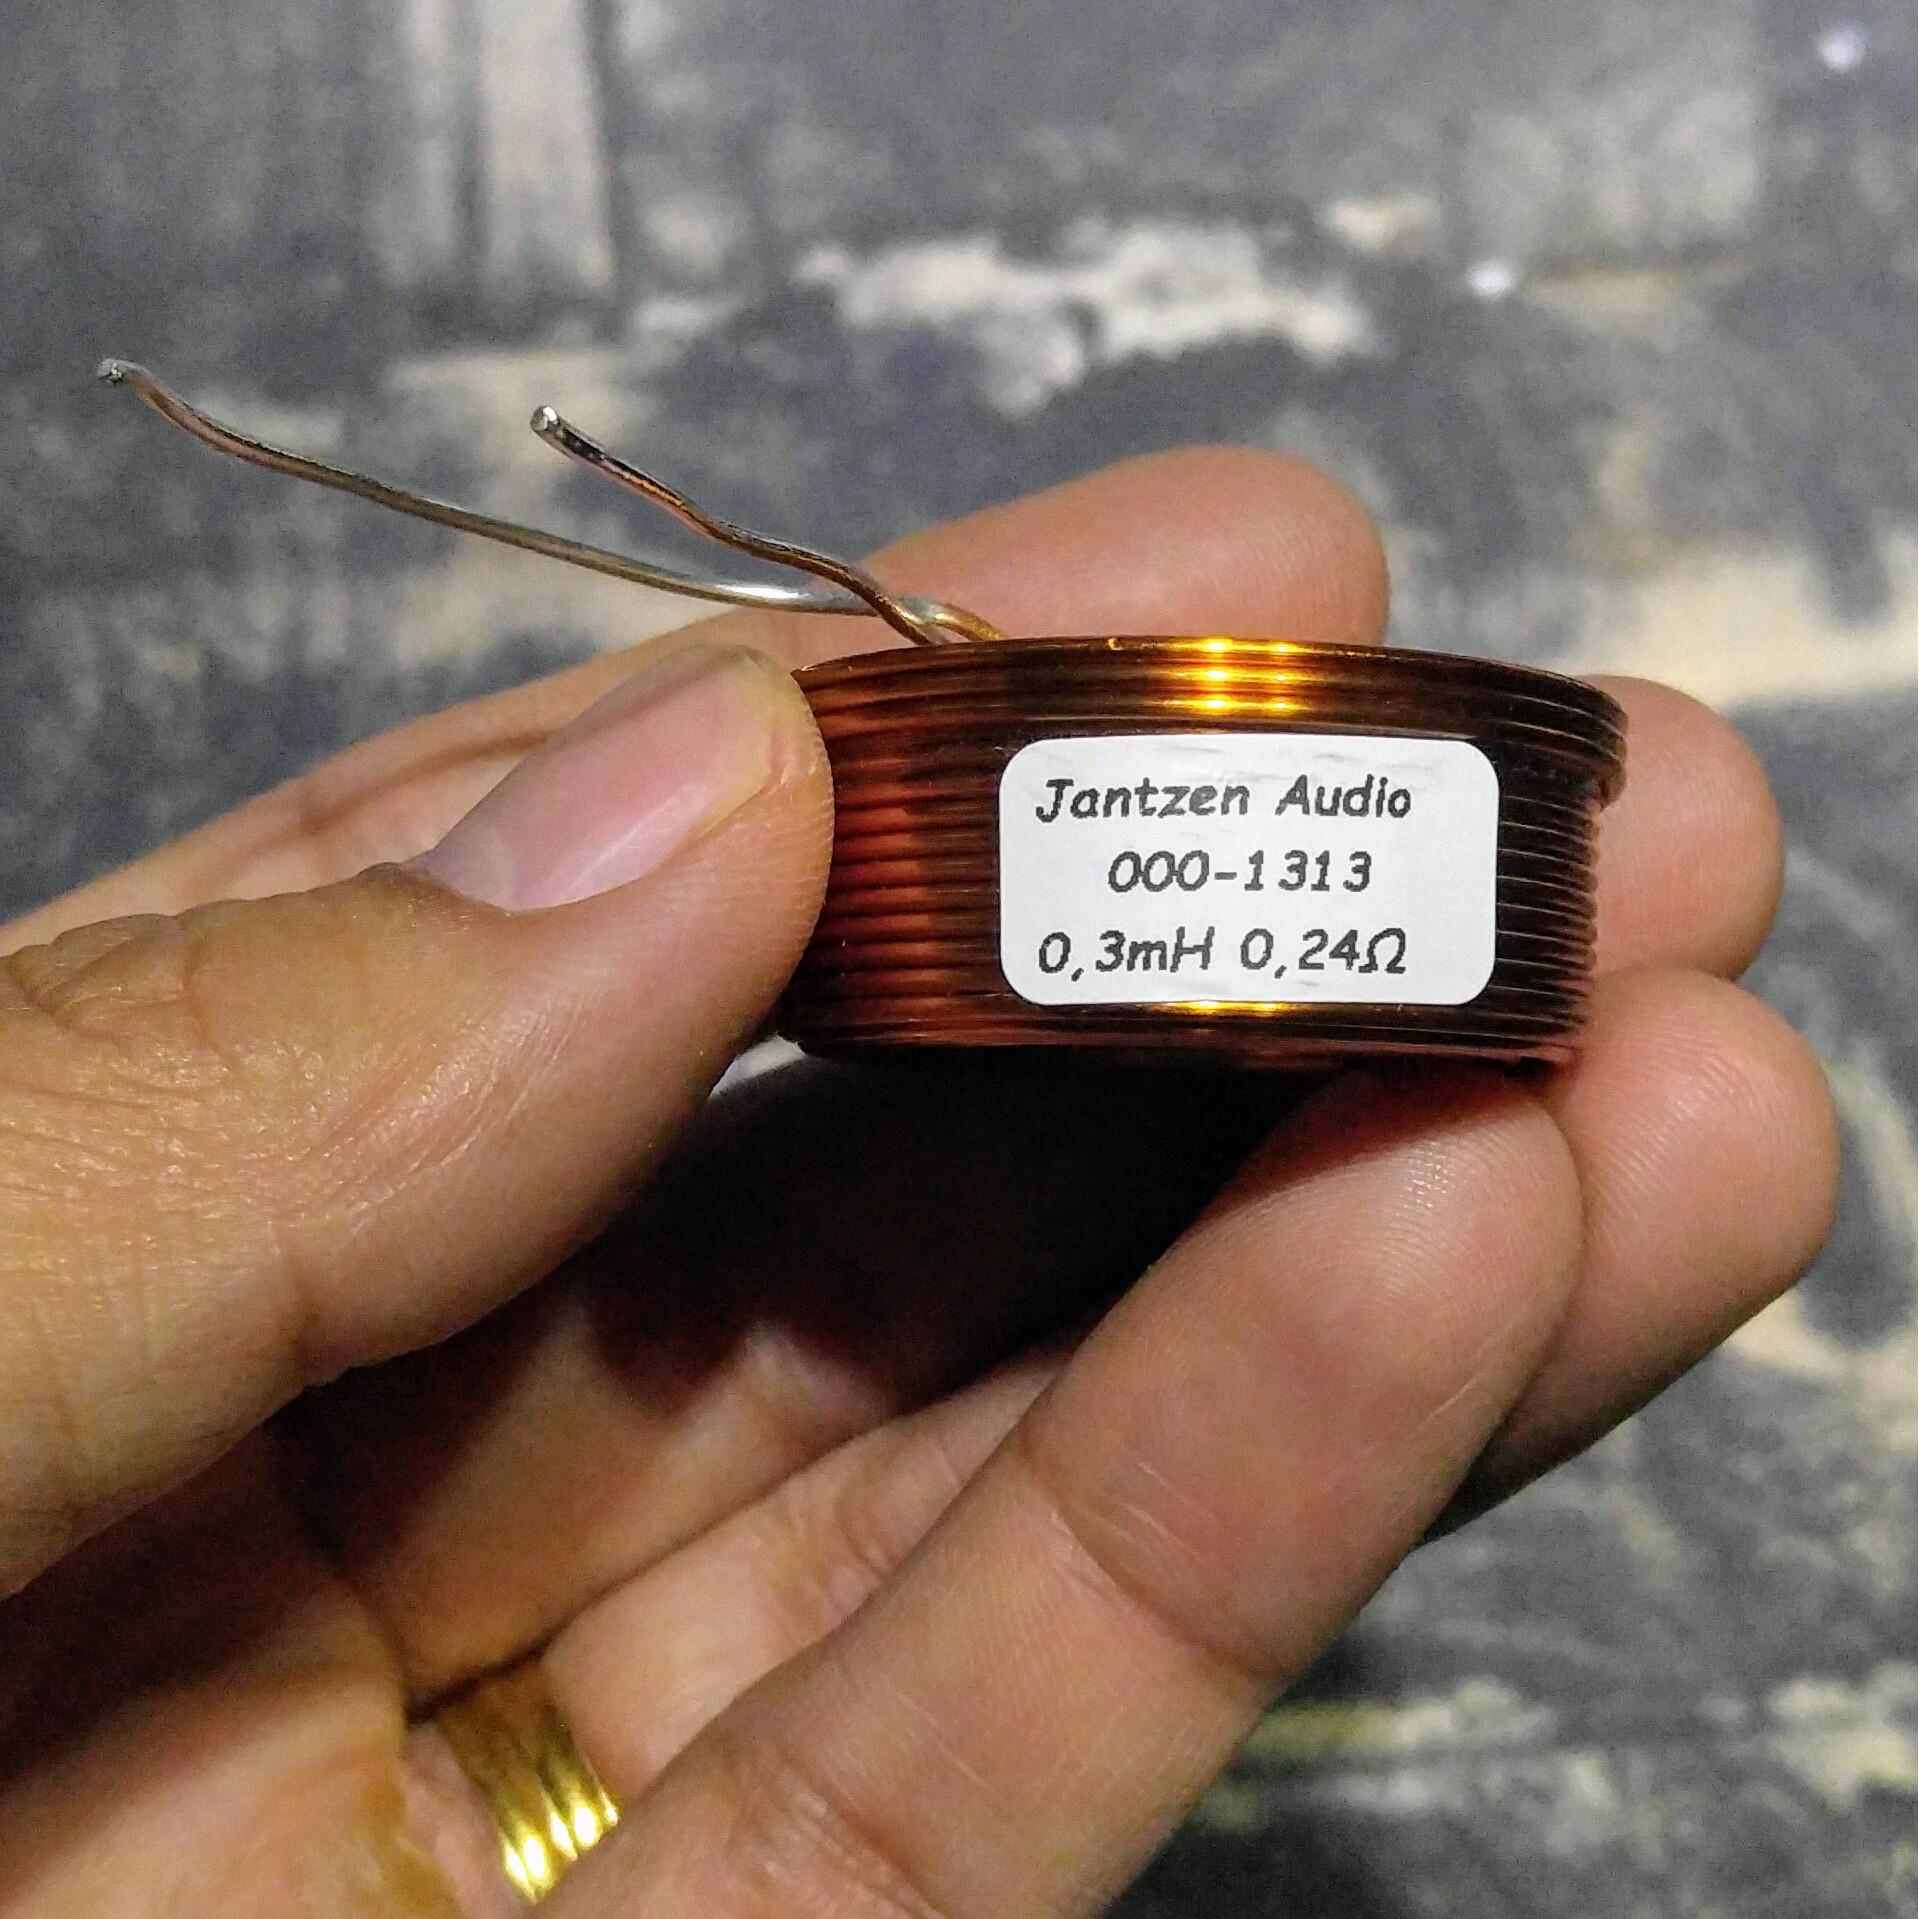 Cuộn cảm 0.3mH Solen lõi không khí - 18691108 , 9753827541676 , 62_24819990 , 200000 , Cuon-cam-0.3mH-Solen-loi-khong-khi-62_24819990 , tiki.vn , Cuộn cảm 0.3mH Solen lõi không khí